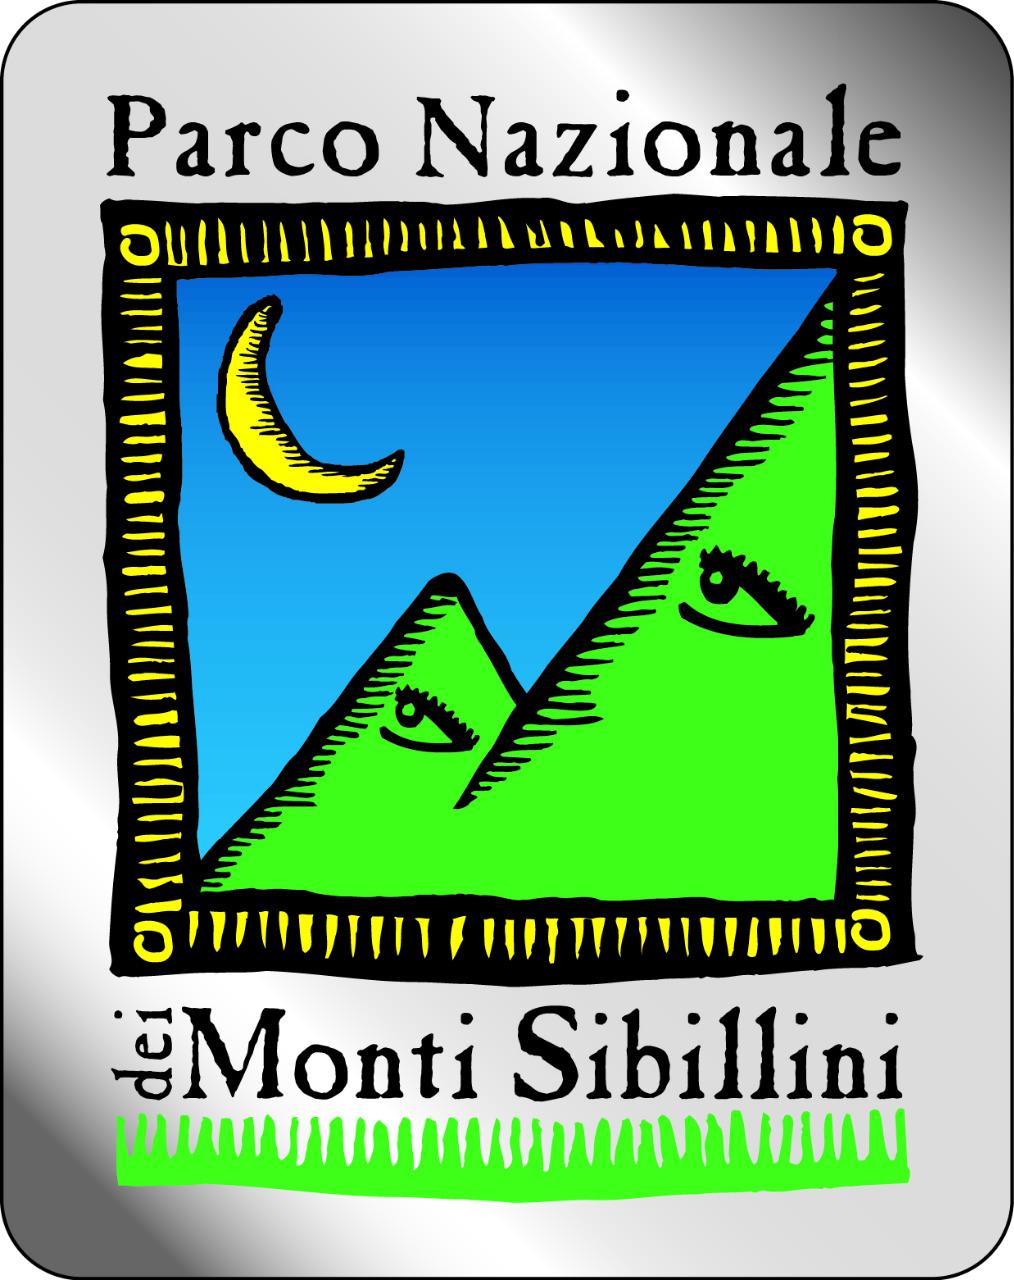 Parco Nazionale dei Monti Sibillini Logo photo - 1